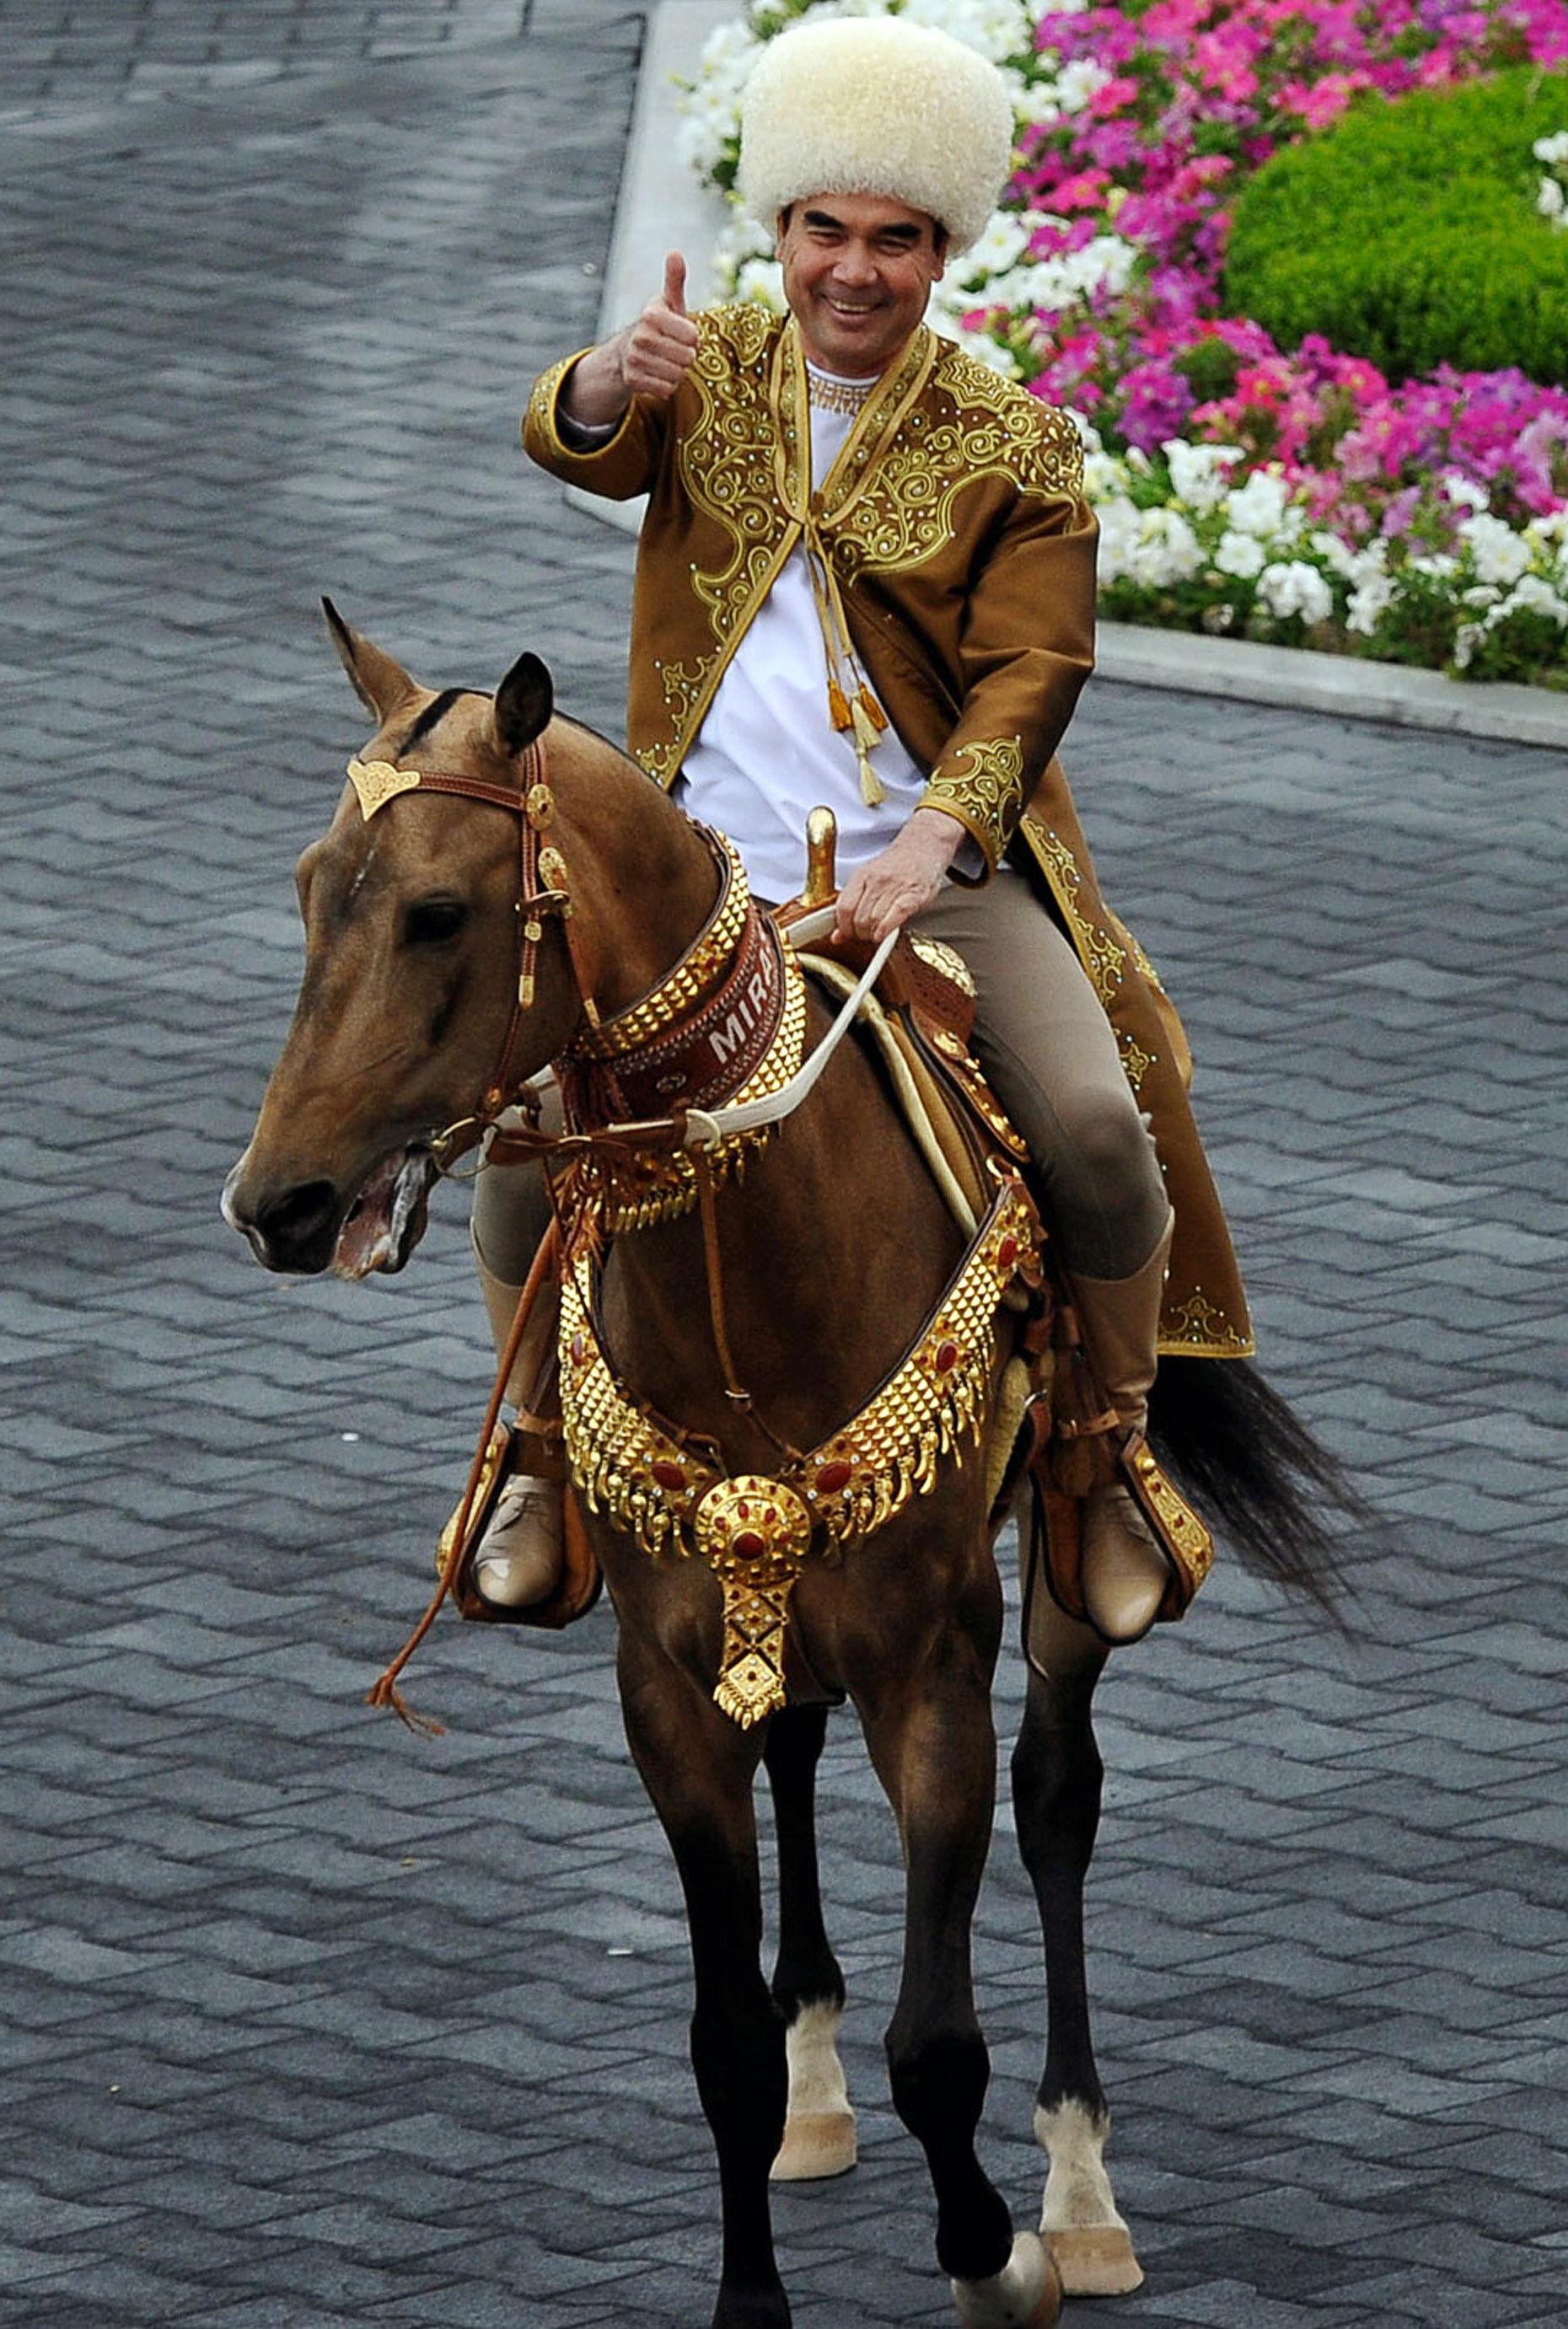 Президент Туркменистана Гурбангулы Бердымухамедов верхом на коне, старинном племени ахалтекинской породы Бегхан, которого выиграл на конкурсе ежегодной конной красоты в Ашхабаде. 23 апреля 2016 года